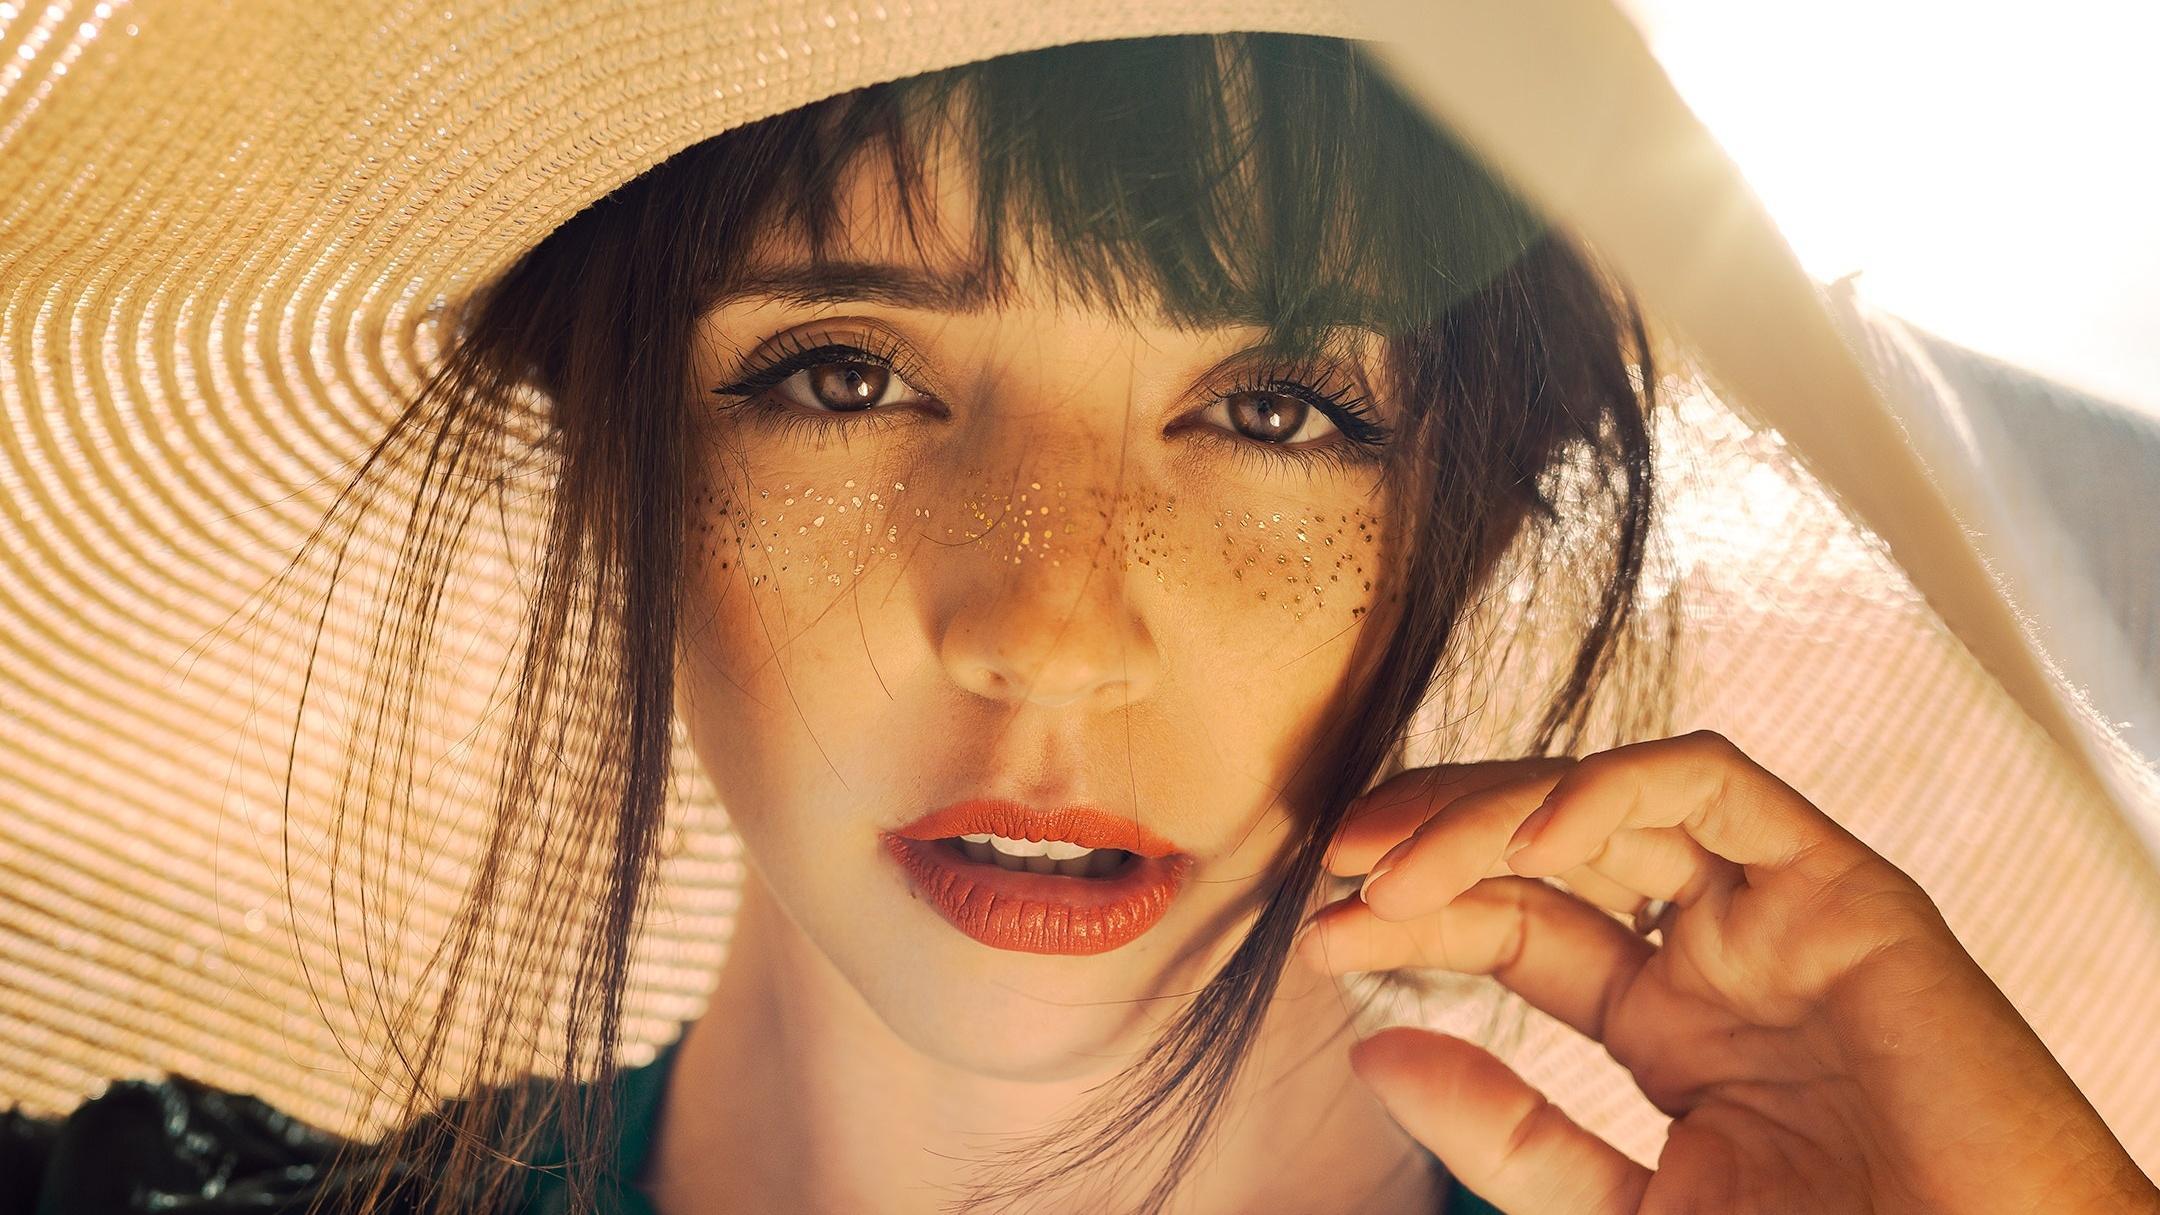 Sonnenbrand auf den Lippen: Wir verraten Ihnen, was hilft